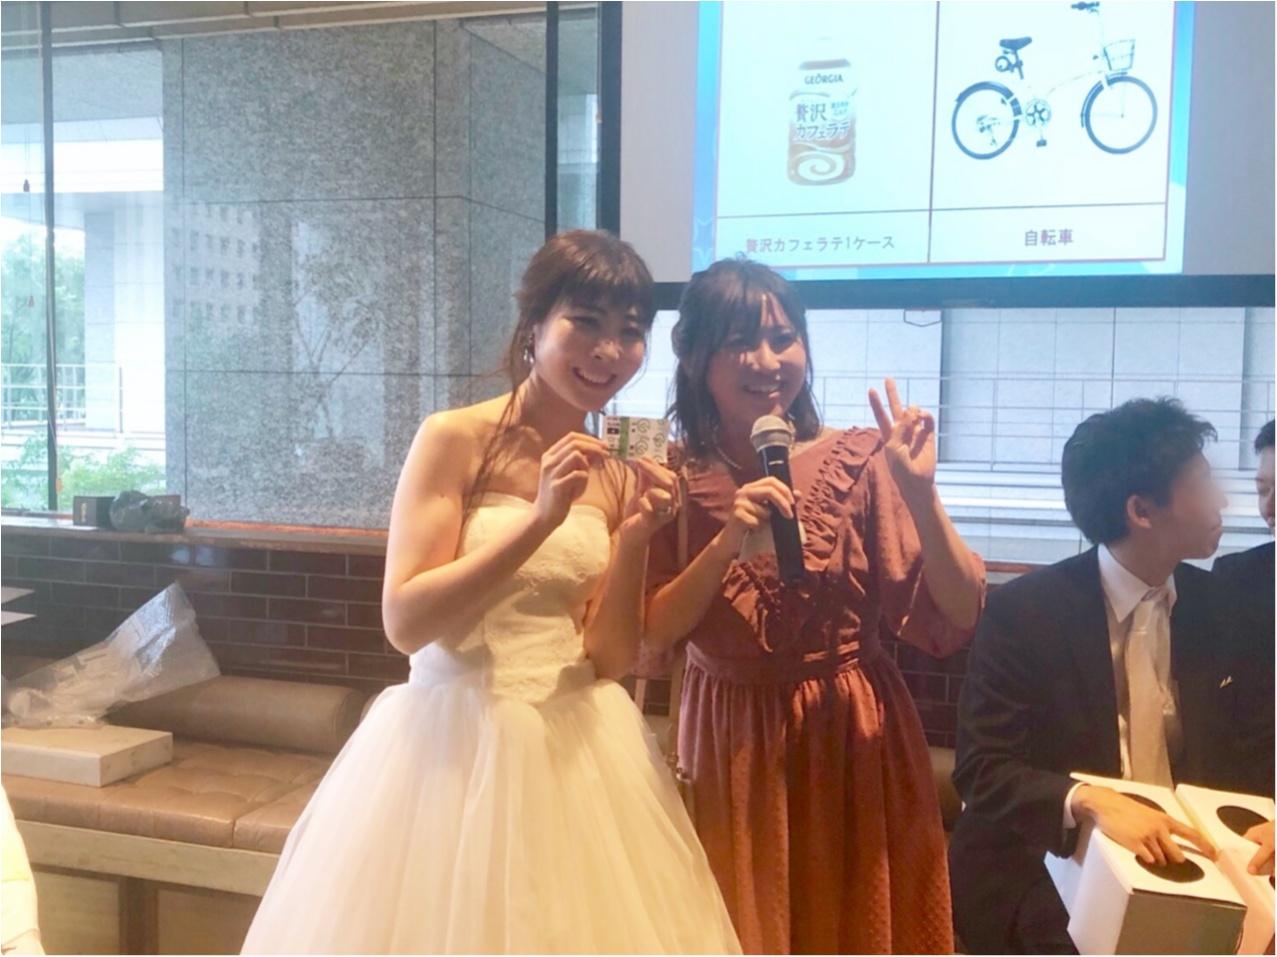 【二次会】MOREインフルエンサーNo.600 asuちゃんの結婚式レポ❤︎_7